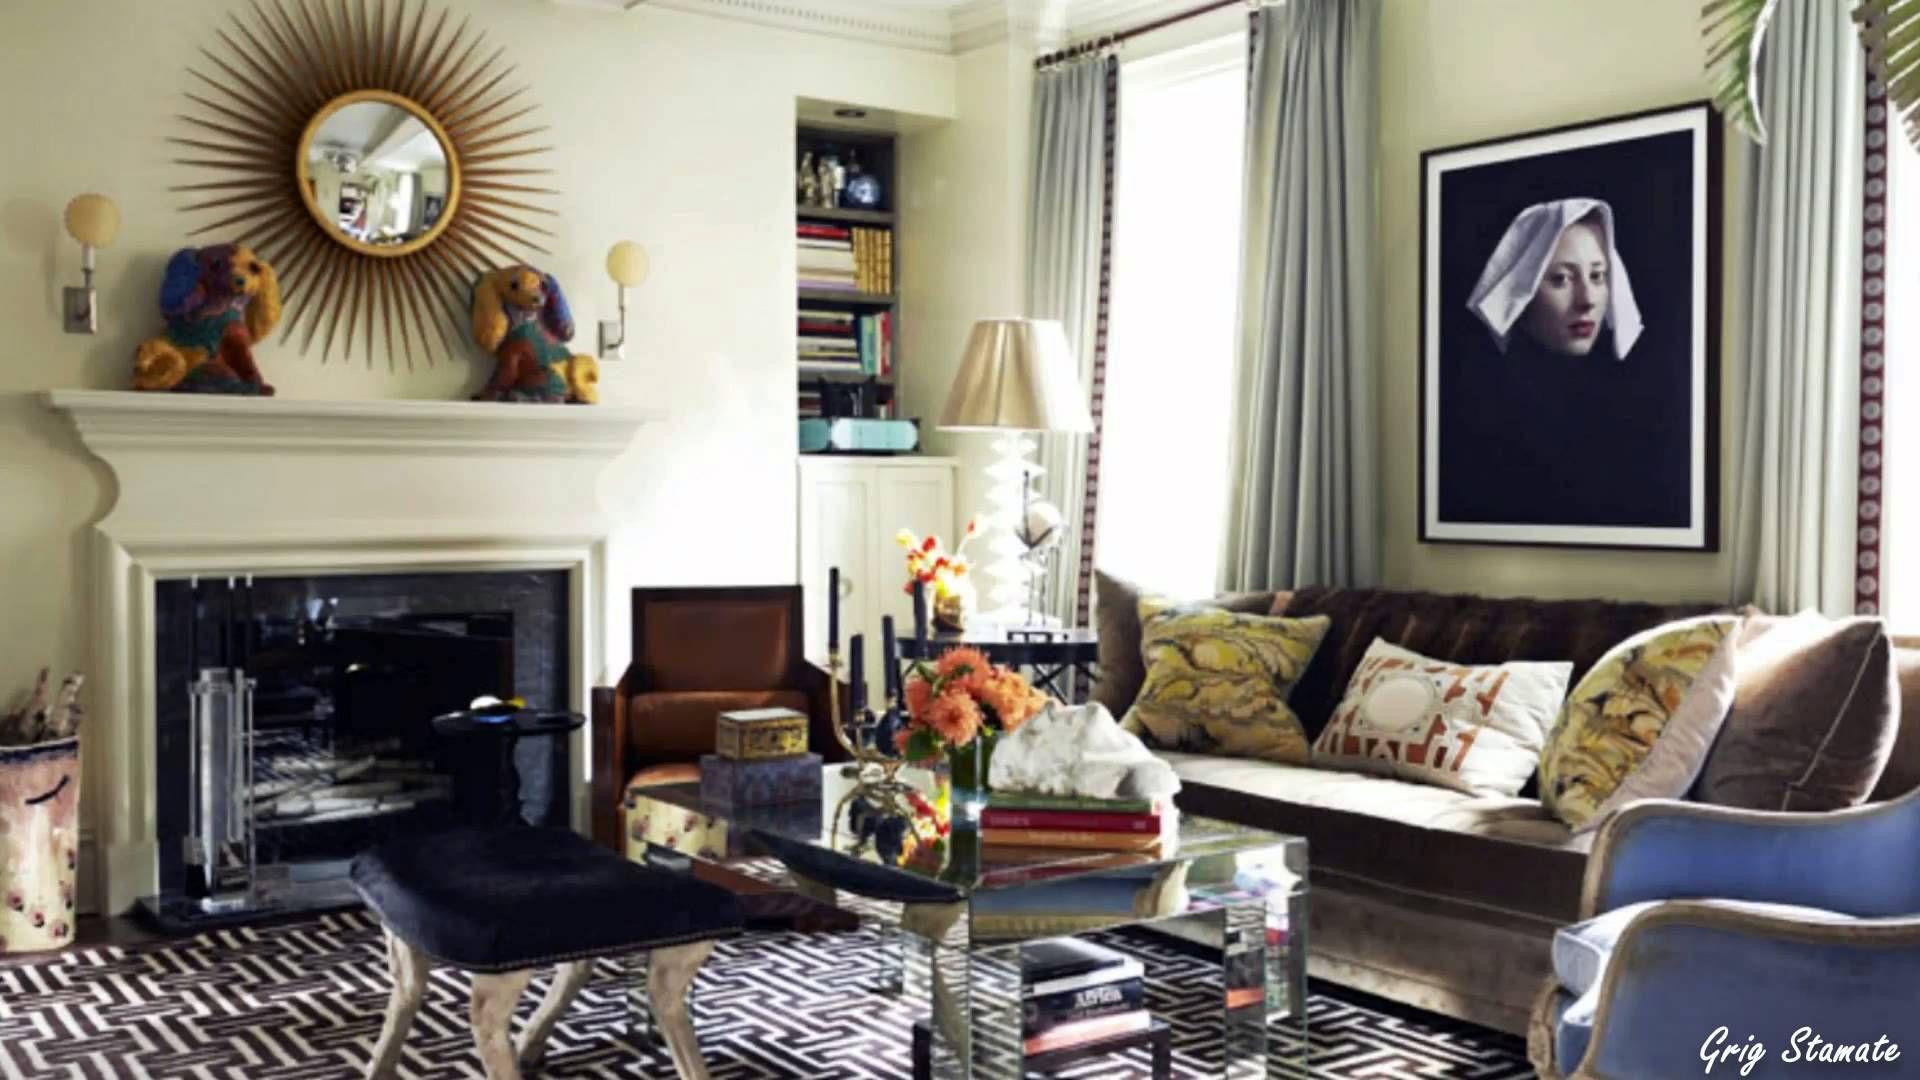 Amazing Whimsical Interior Design Ideas